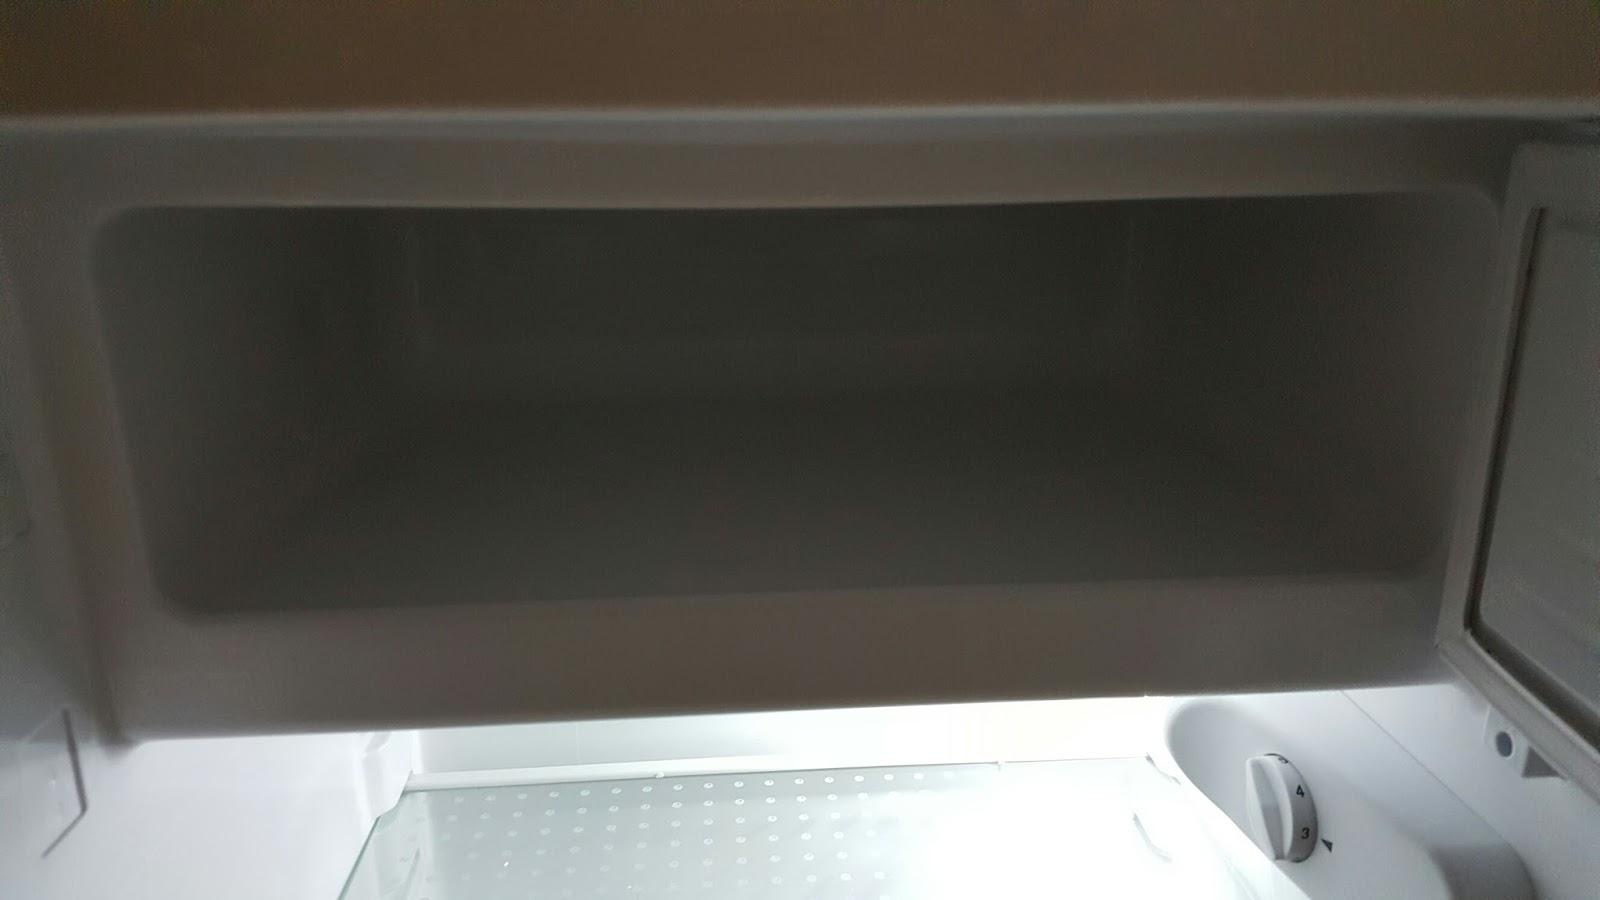 Klarstein Kühlschrank Retro : Mona s klarstein popart pink retro kühlschrank